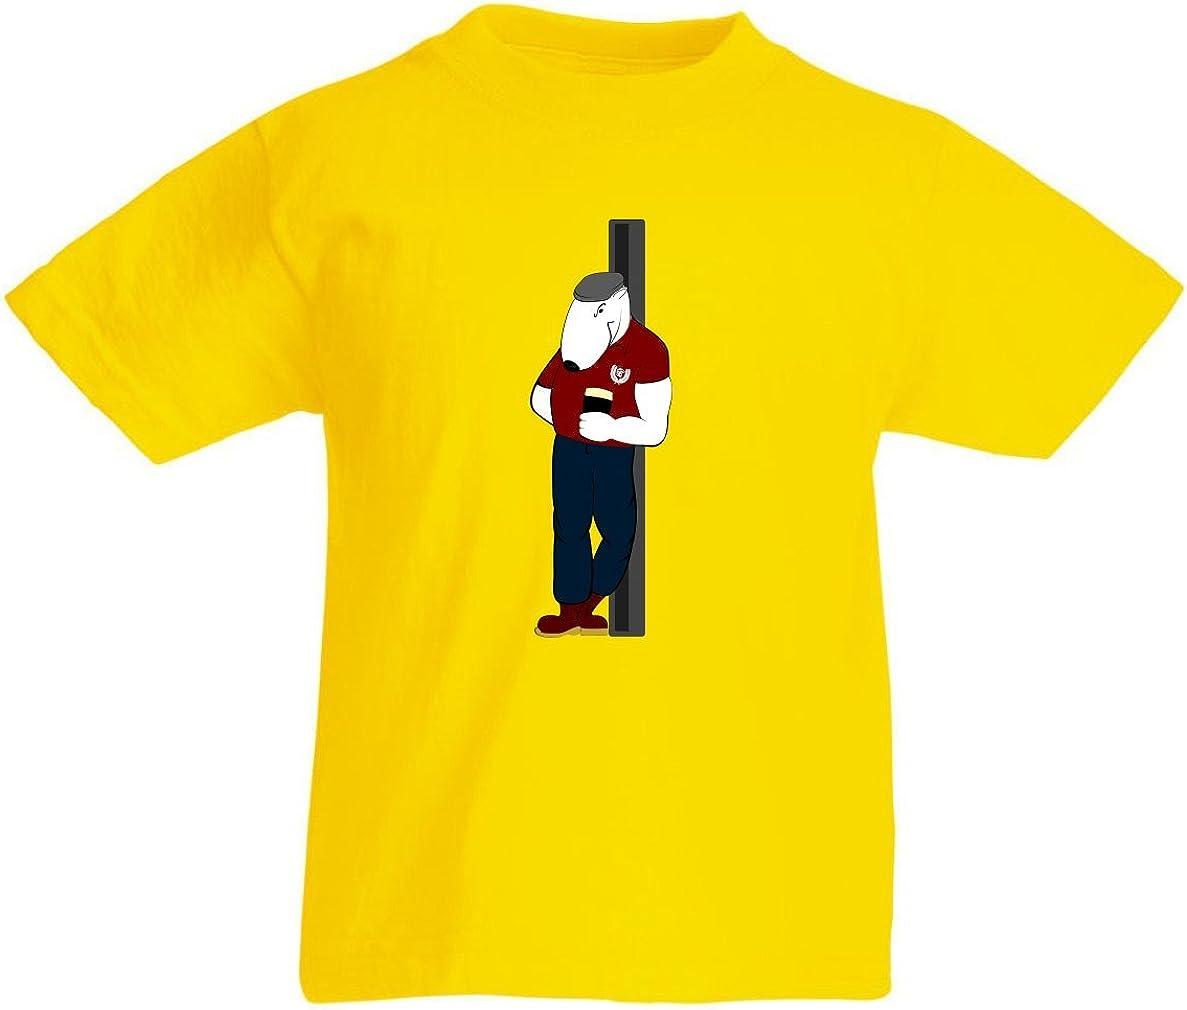 Camiseta de manga corta, punk, Skinhead, perro, animal, persona, hombre, cerveza, alcohol, para hombre, mujer y niños: Amazon.es: Ropa y accesorios